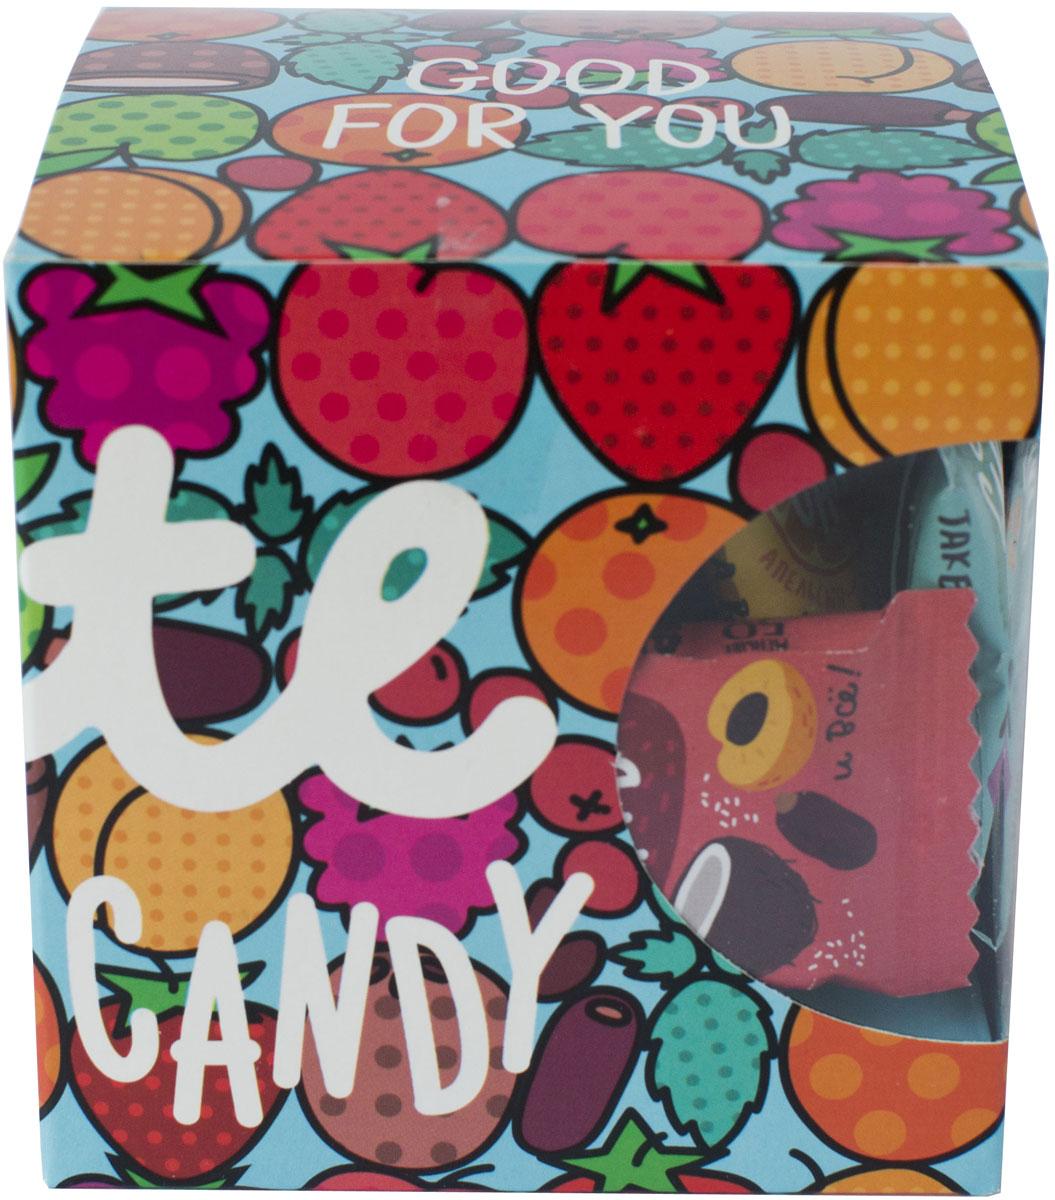 Bite Candy набор фруктово-ягодных батончиков голубой, 120 гФР-00000568Набор Bite Candy - натуральные и вкусные конфетки, разработанные с особой заботой для любителей десертов. Bite Candy содержит только фрукты, ягоды, специи, натуральный шоколад и ни грамма добавленного сахара. Если вы давно мечтали съесть целую коробочку конфет, наконец-то можно себе это позволить!